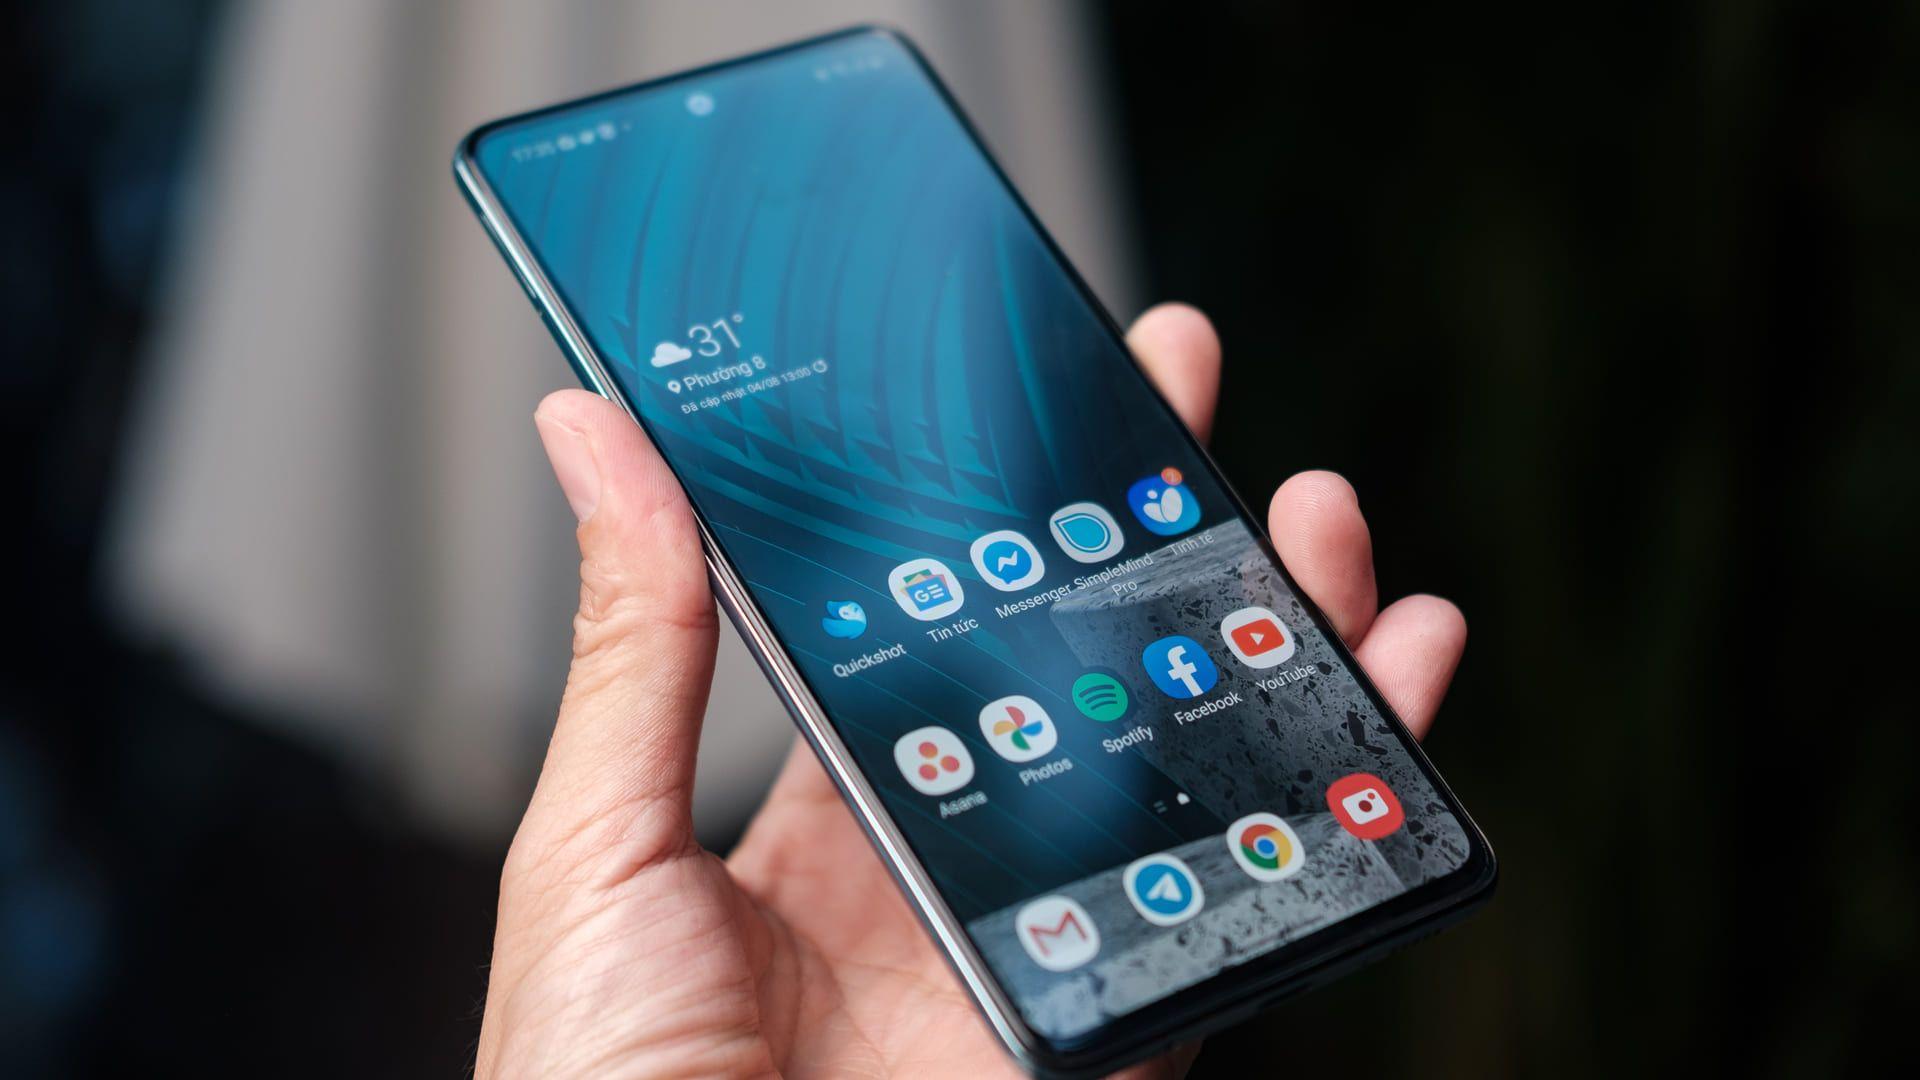 O que é melhor: iPhone ou Android? O segundo é mais diversificado de acordo com o fabricante (Foto: Chikena / Shutterstock.com)